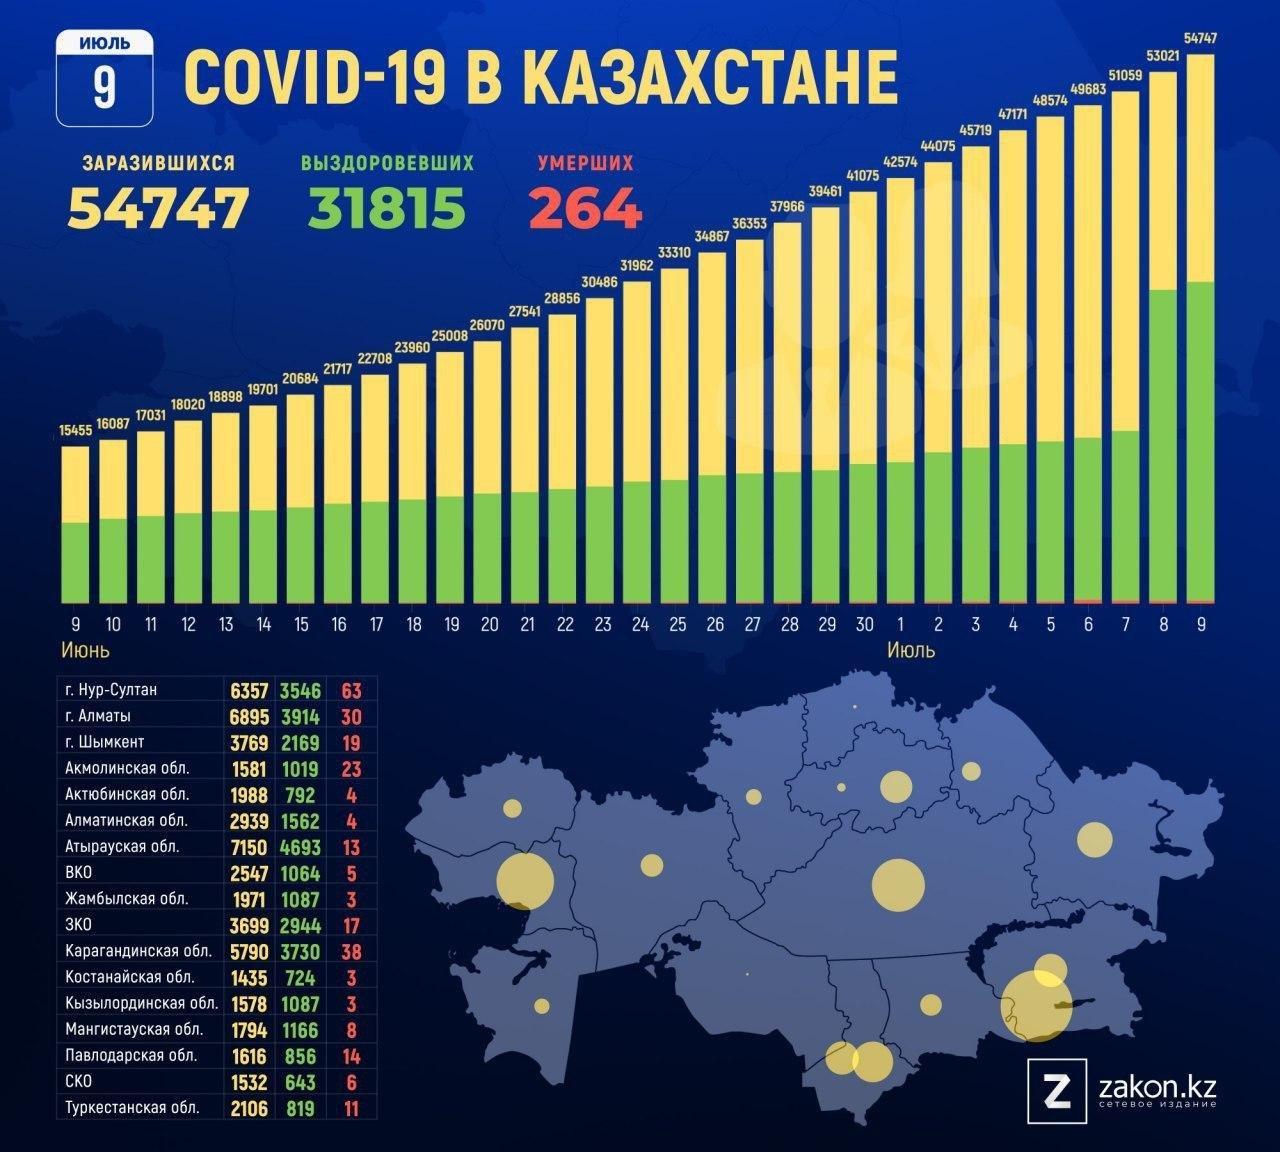 联博开奖网:哈萨克斯坦累计确诊病例增至约5.5万修正治愈病例数